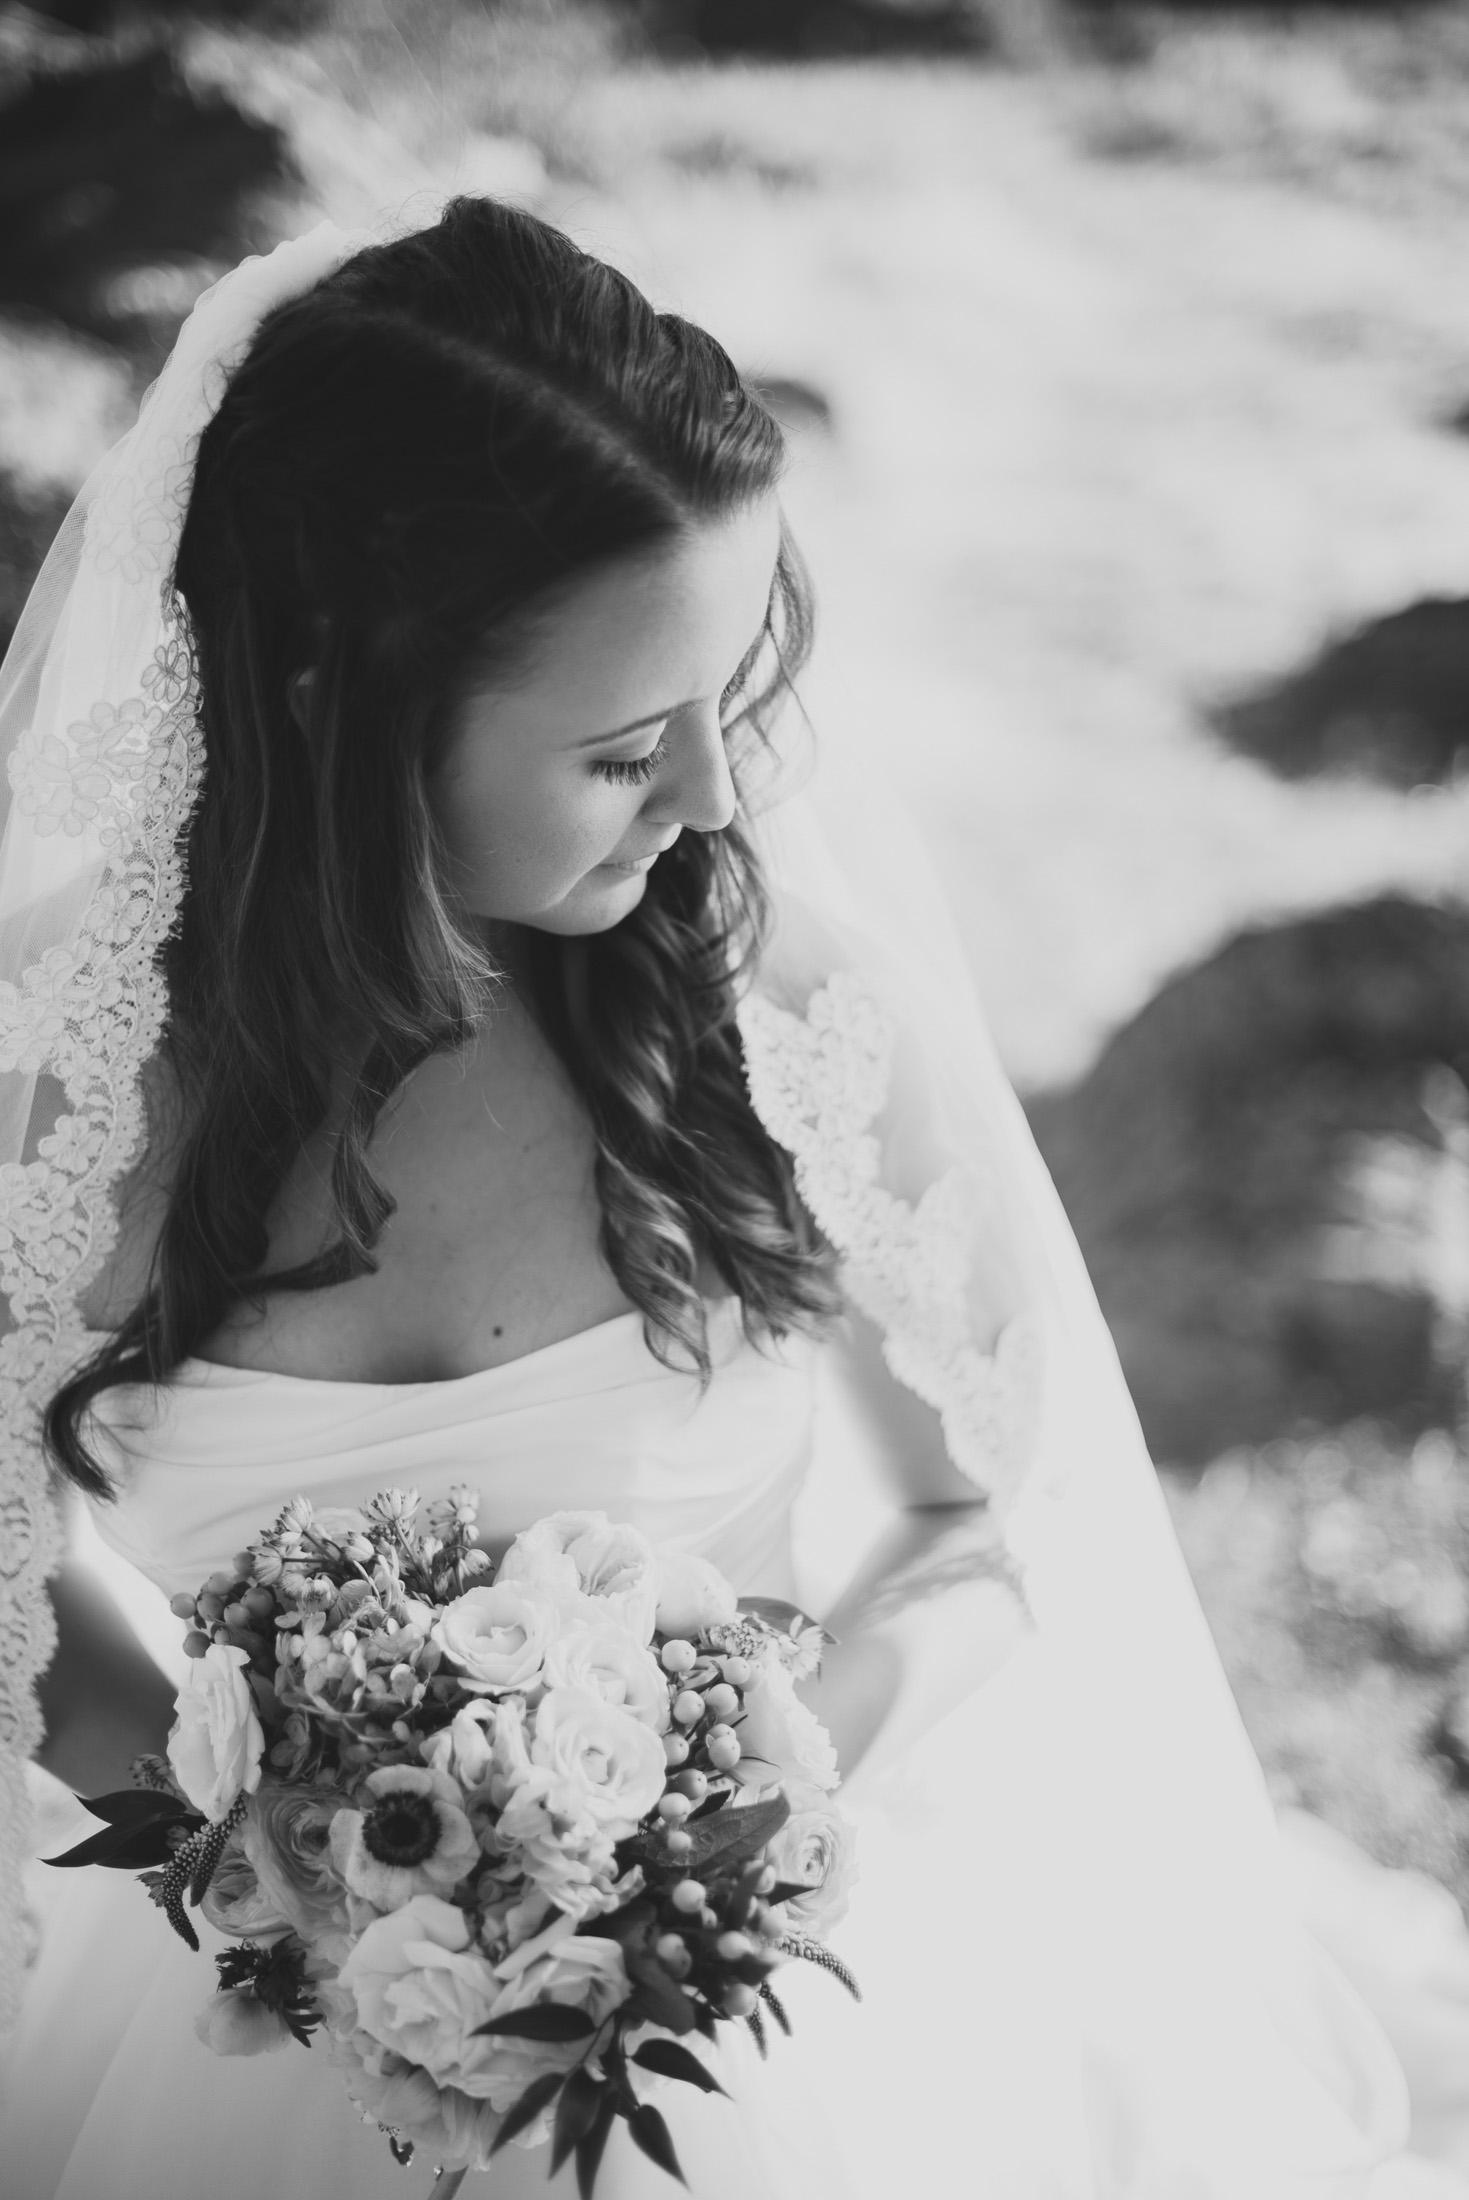 93elopement-photographer-colorado-Amanda&Sam-Denver_wedding-2399_bw.jpg